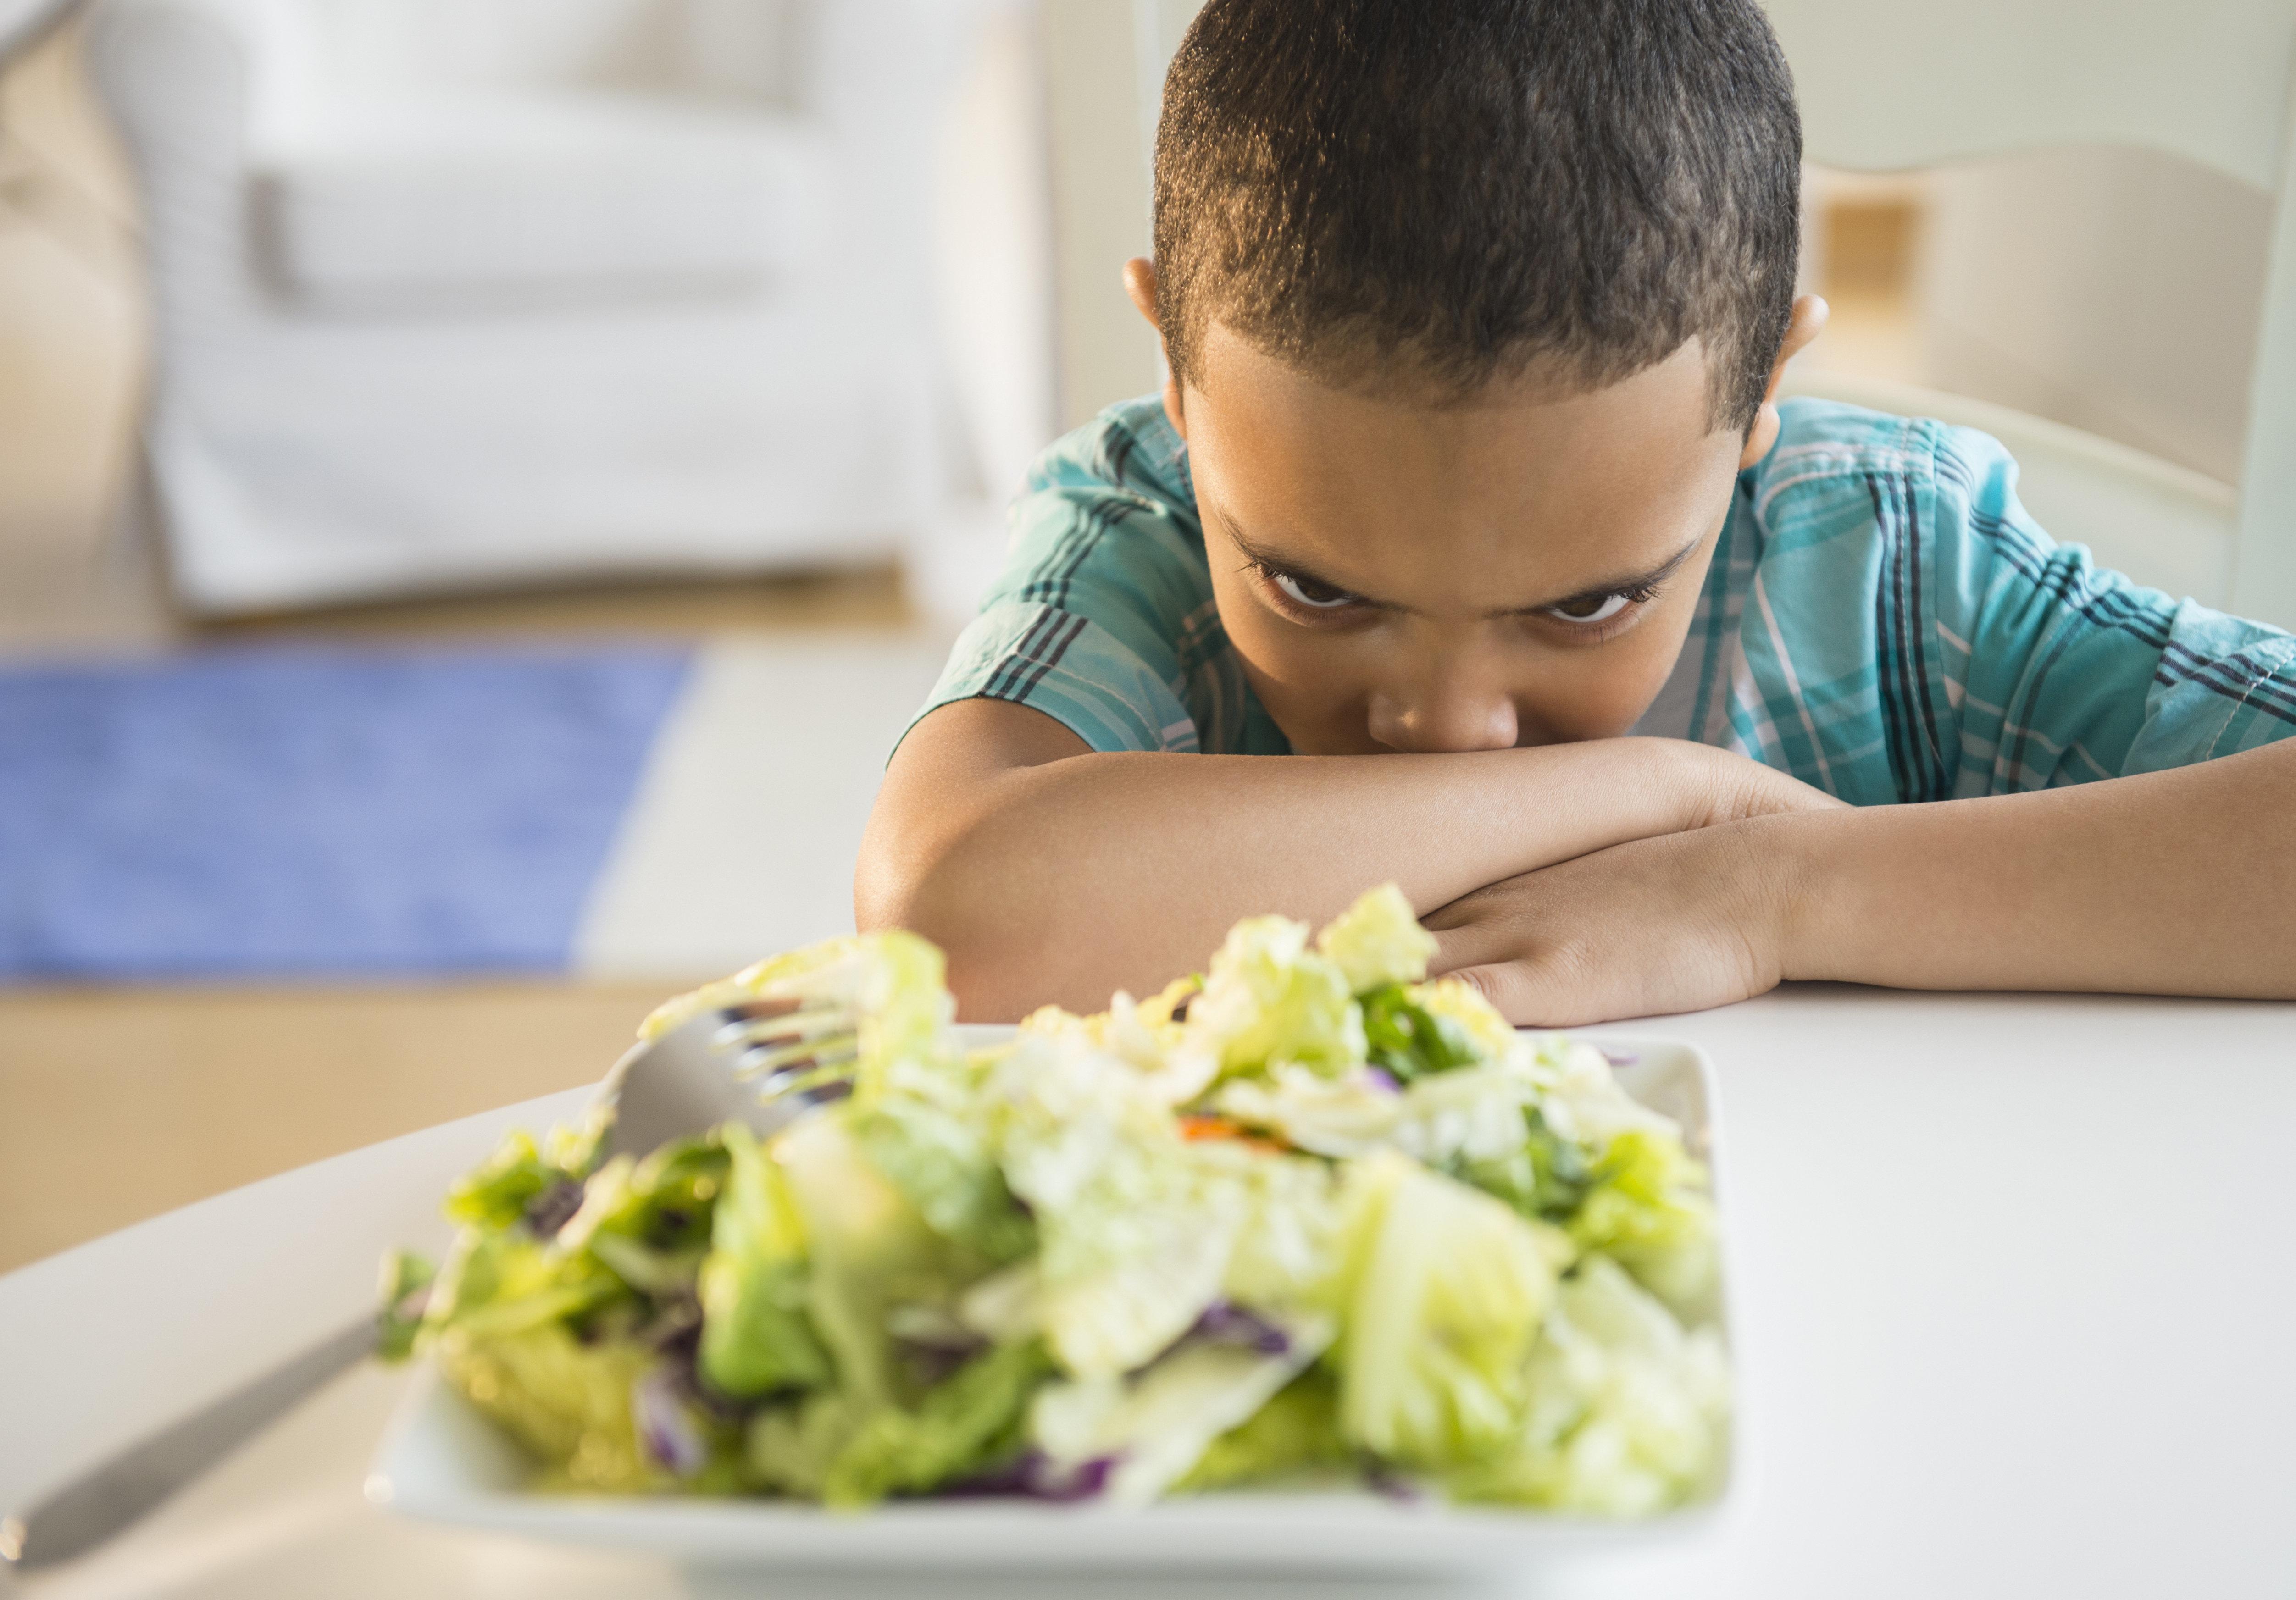 Eltern machen 12-Jährigem Salat zum Abendessen – der ruft die Polizei